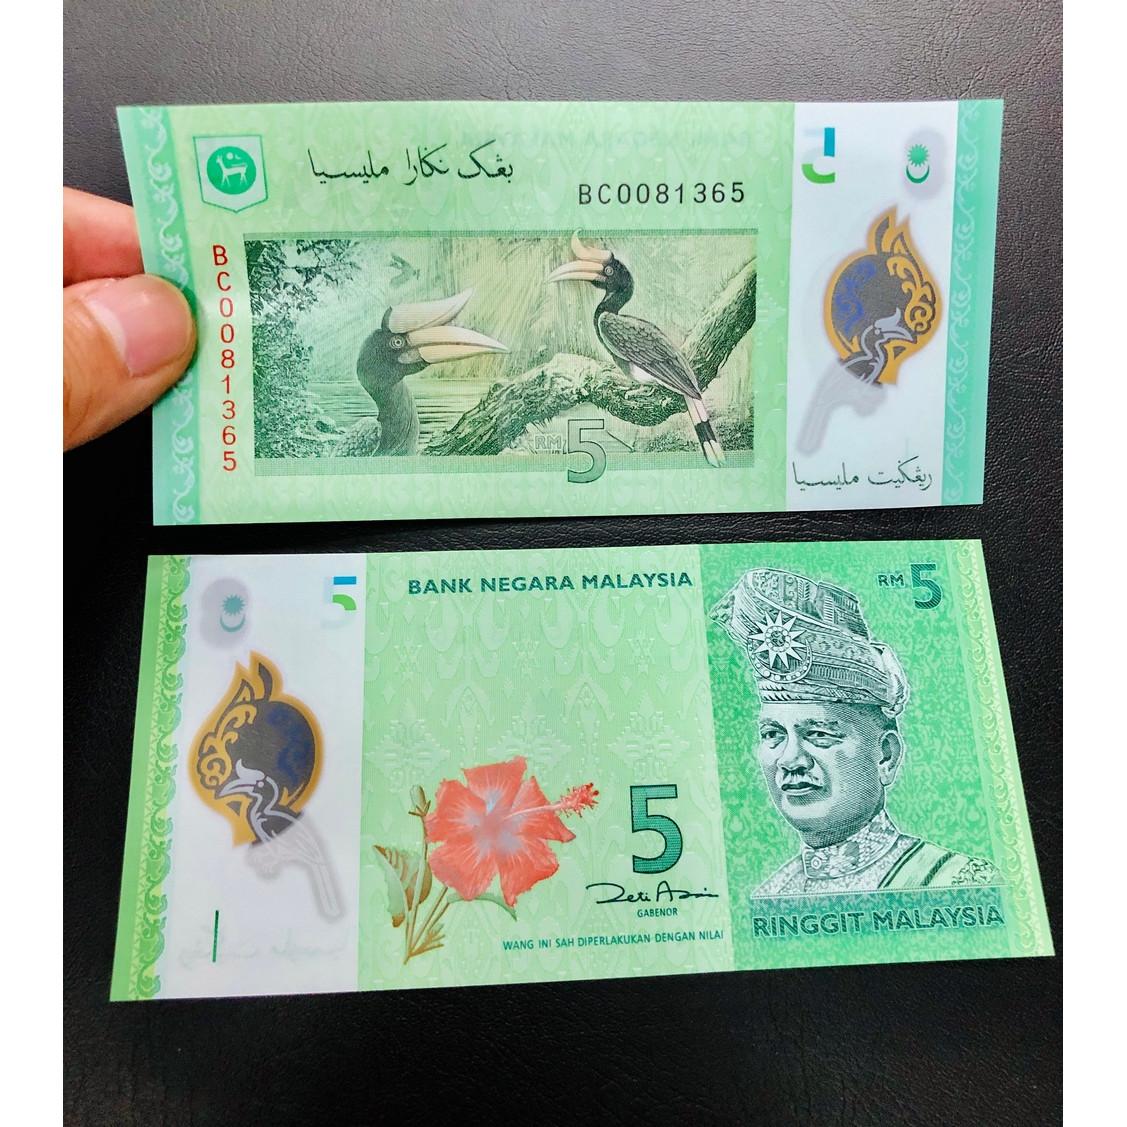 Tờ tiền polyme của Malaysia 5 Ringgit xưa, hình ảnh chú chim tuyệt đẹp